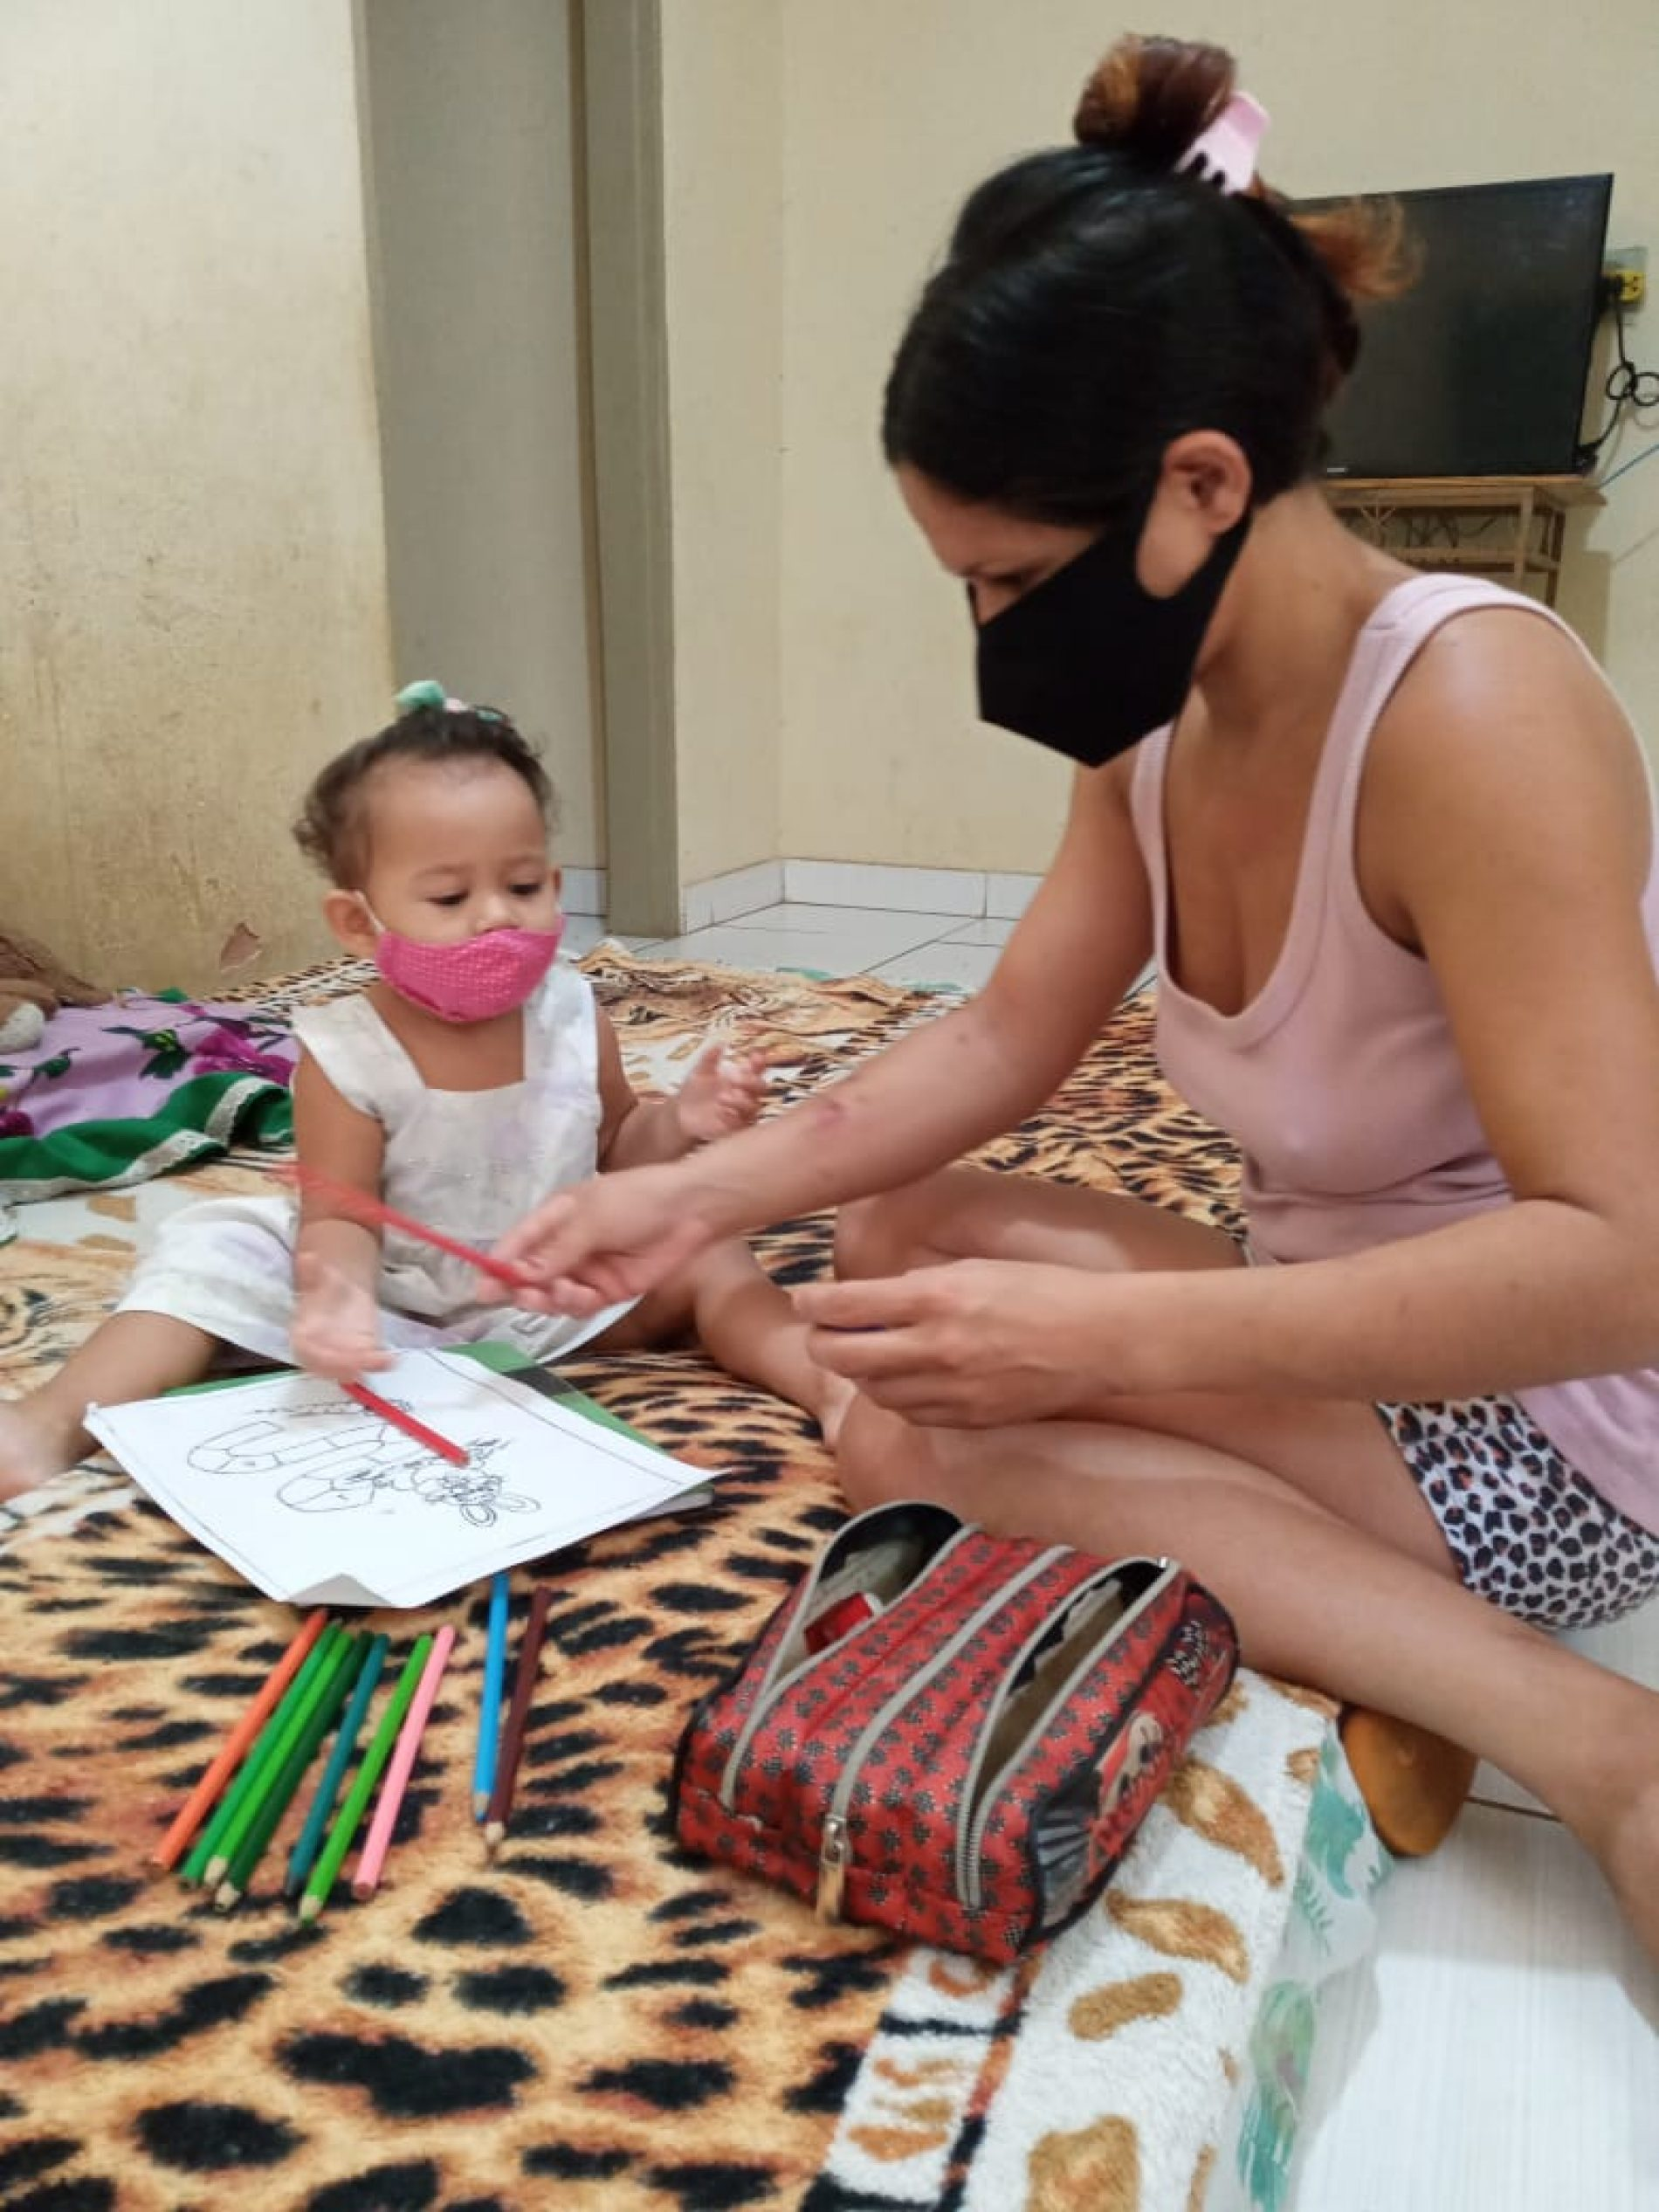 BARRETOS: Assistência Social: Programa Criança Feliz é implantado em Barretos, referenciado ao CRAS 2